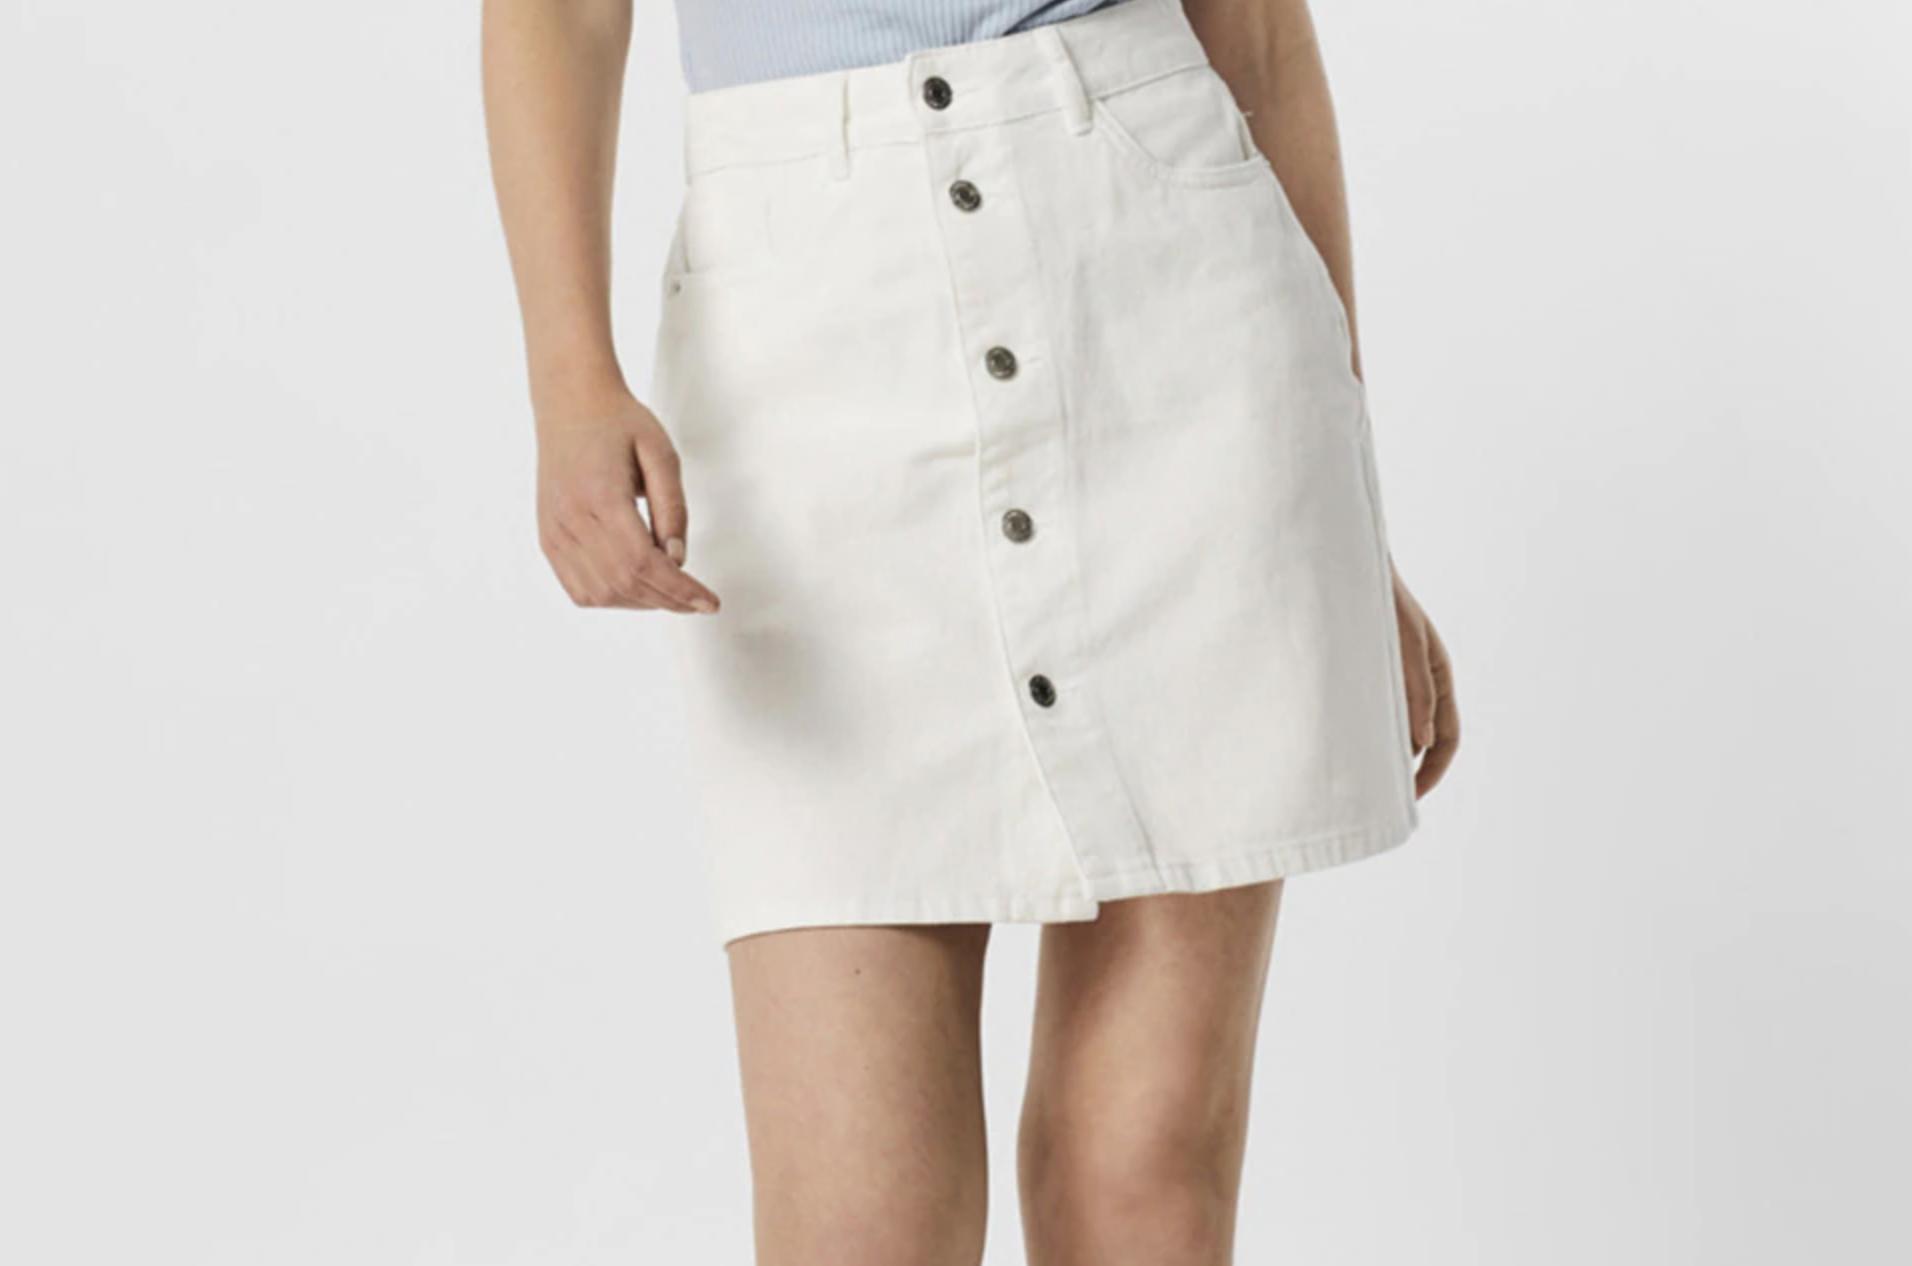 Mi falda blanca de talle alto